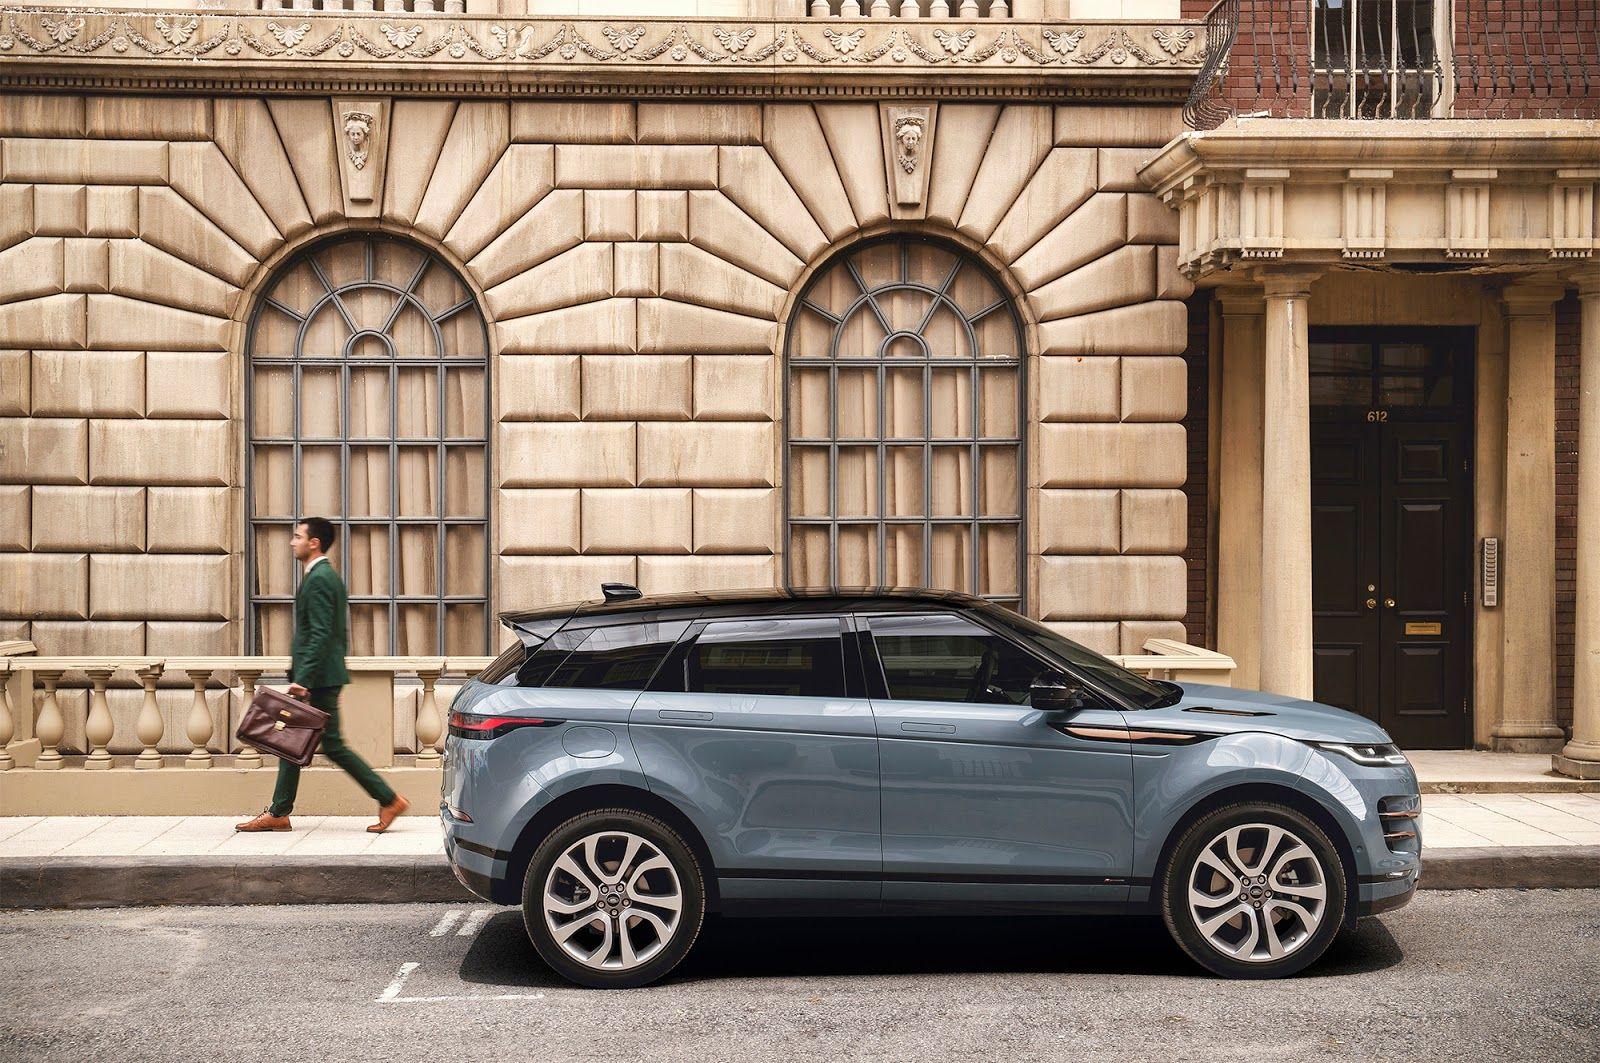 КЛАССНЫЕ ФОТО АВТО! (и не только) Range Rover Evoque